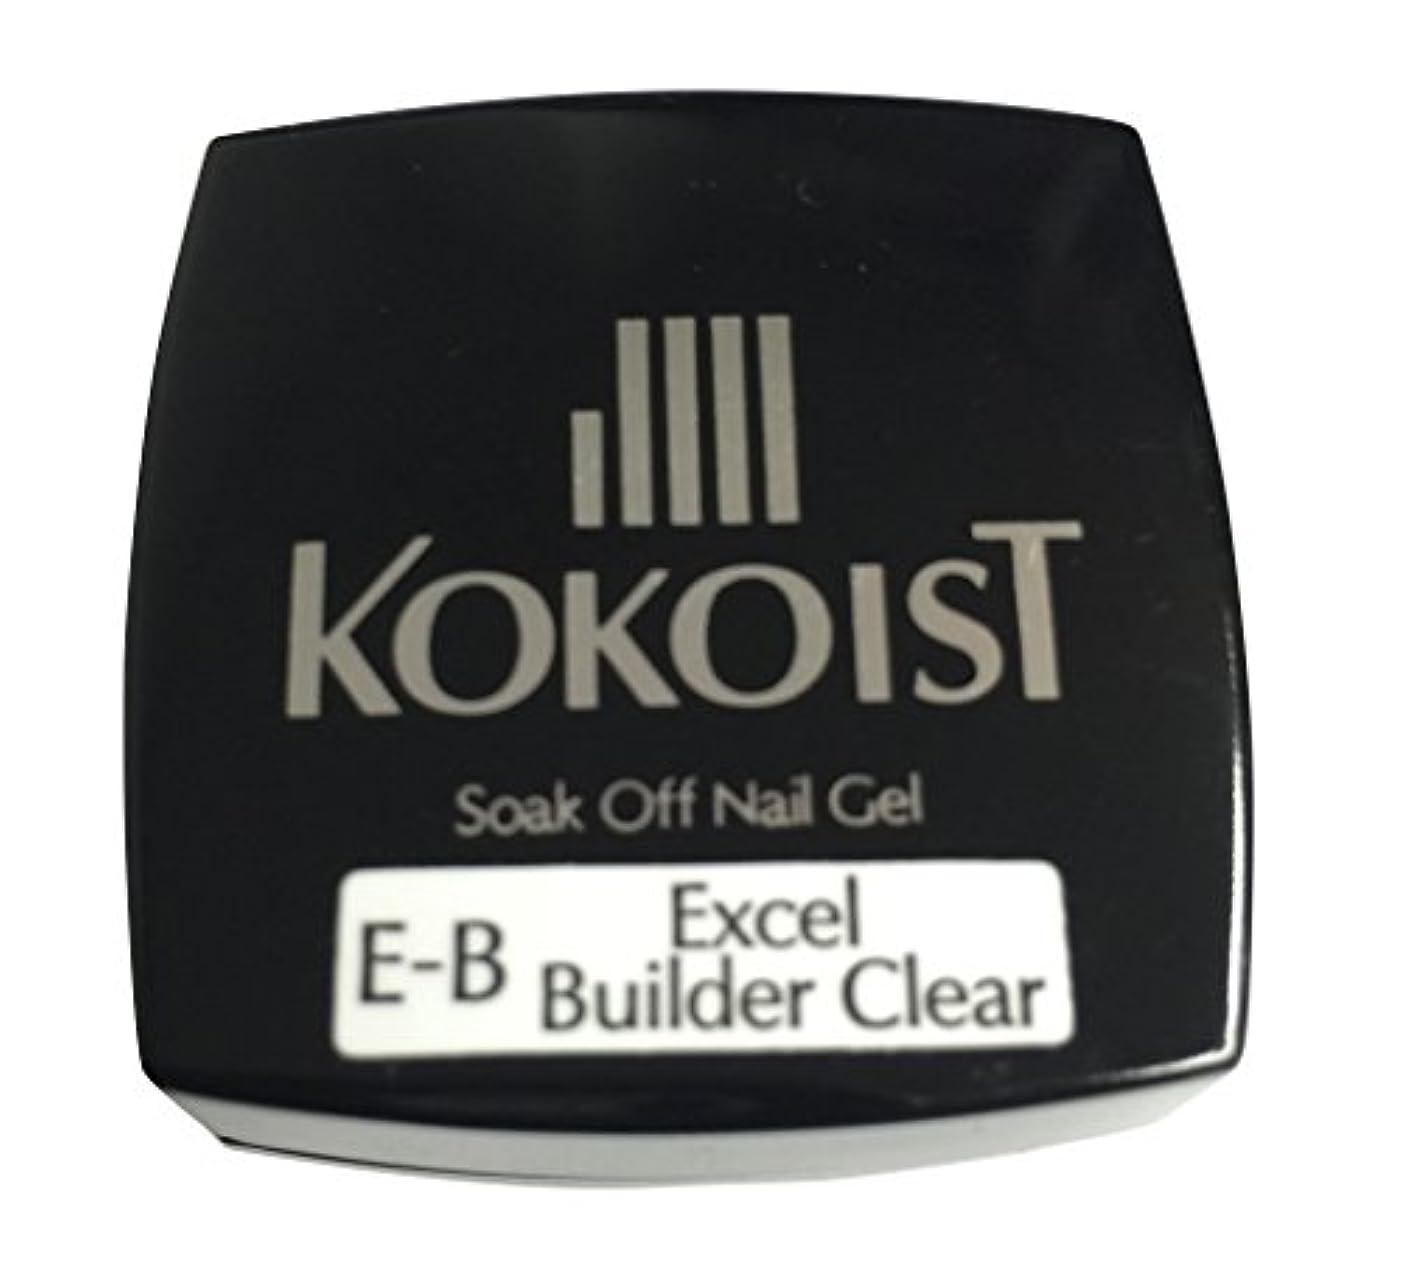 トリム区画誕生日KOKOIST(ココイスト) ソークオフクリアジェル エクセルビルダー  4g